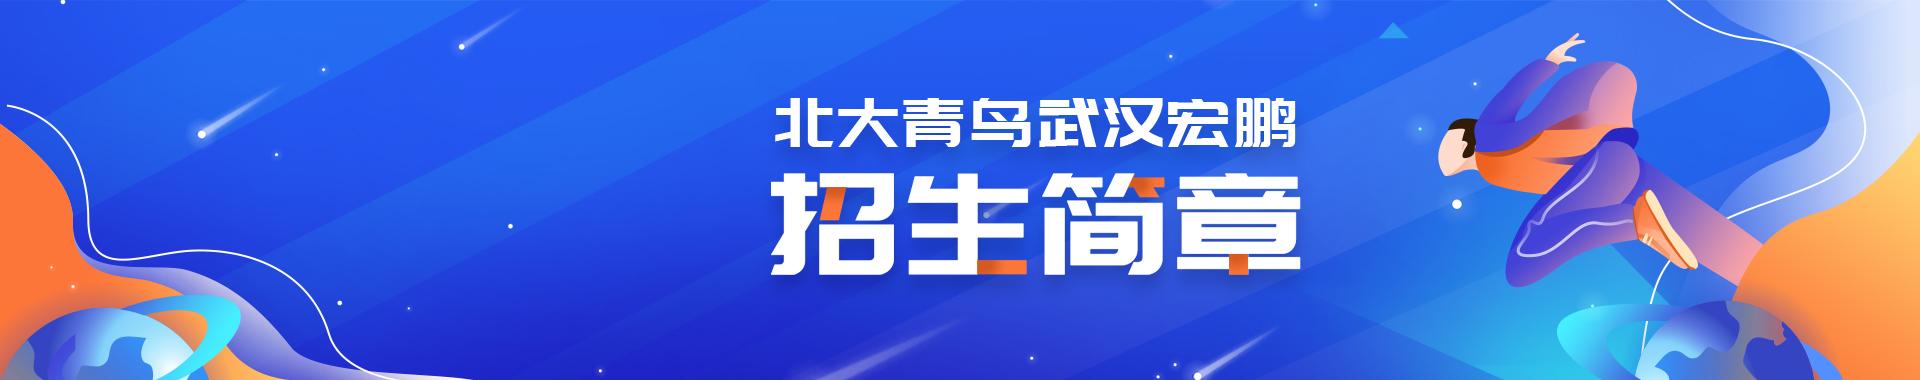 北大青鸟2019年招生简章